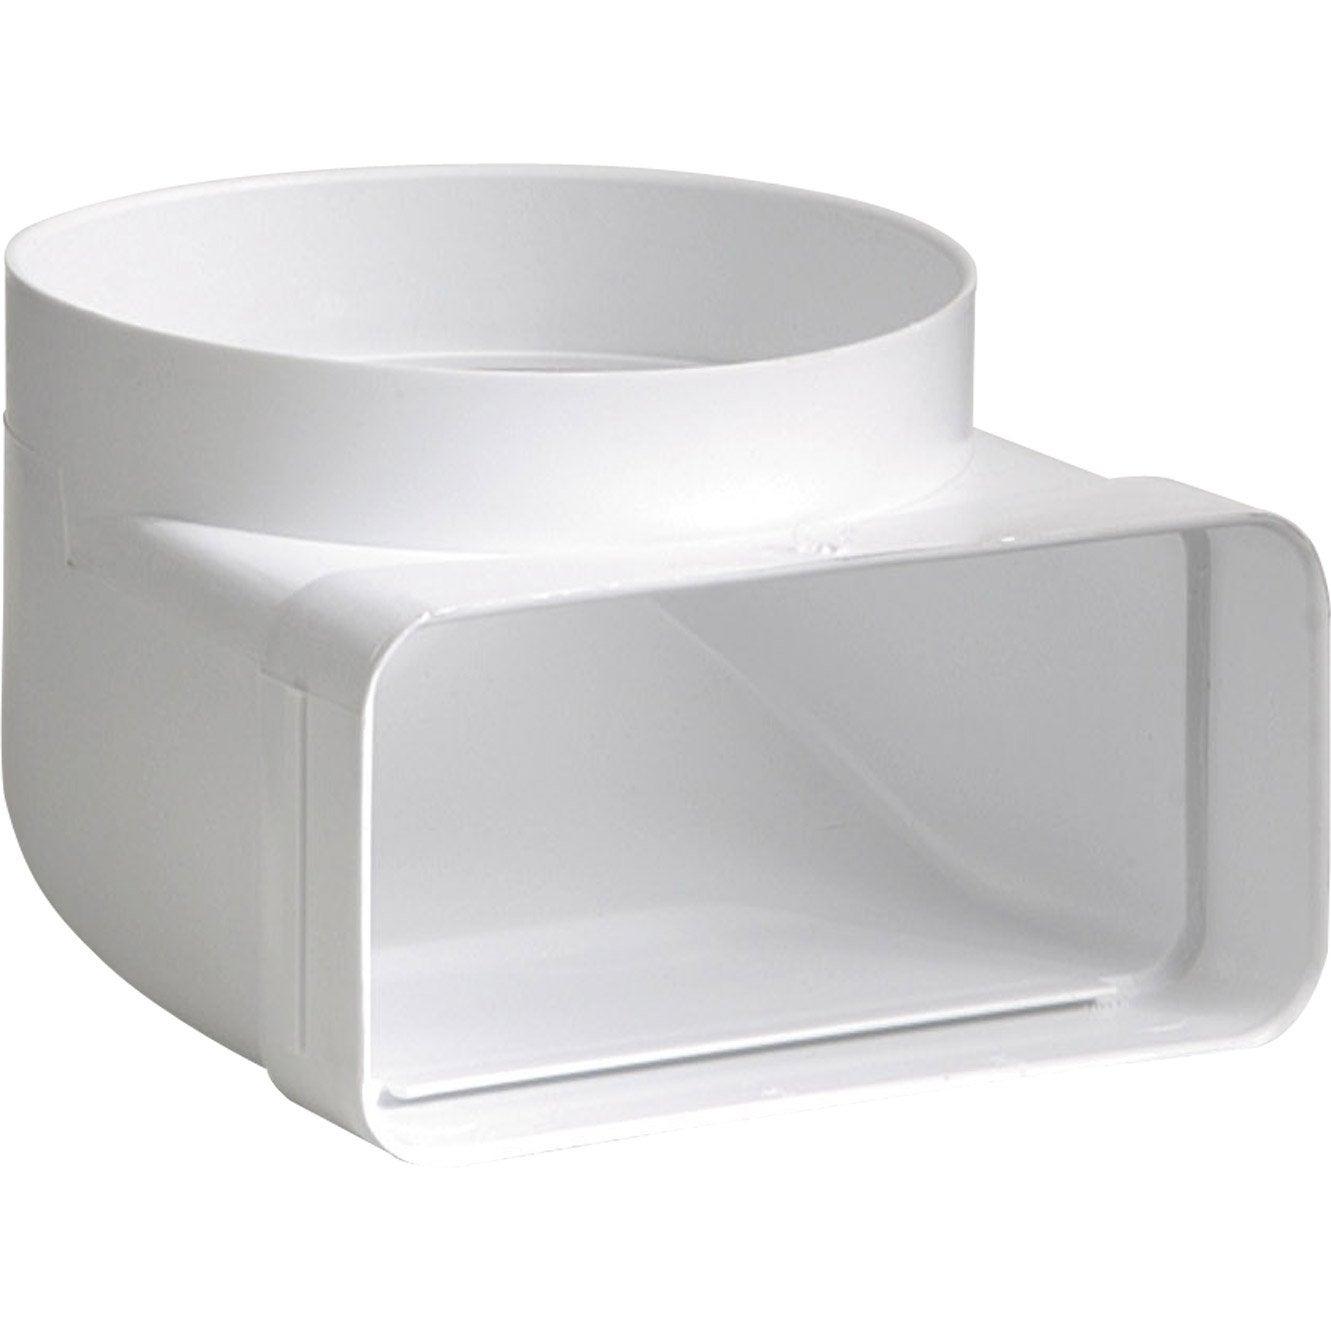 Rideaux de fenetre de salle de bain à quimper travaux renovation ...